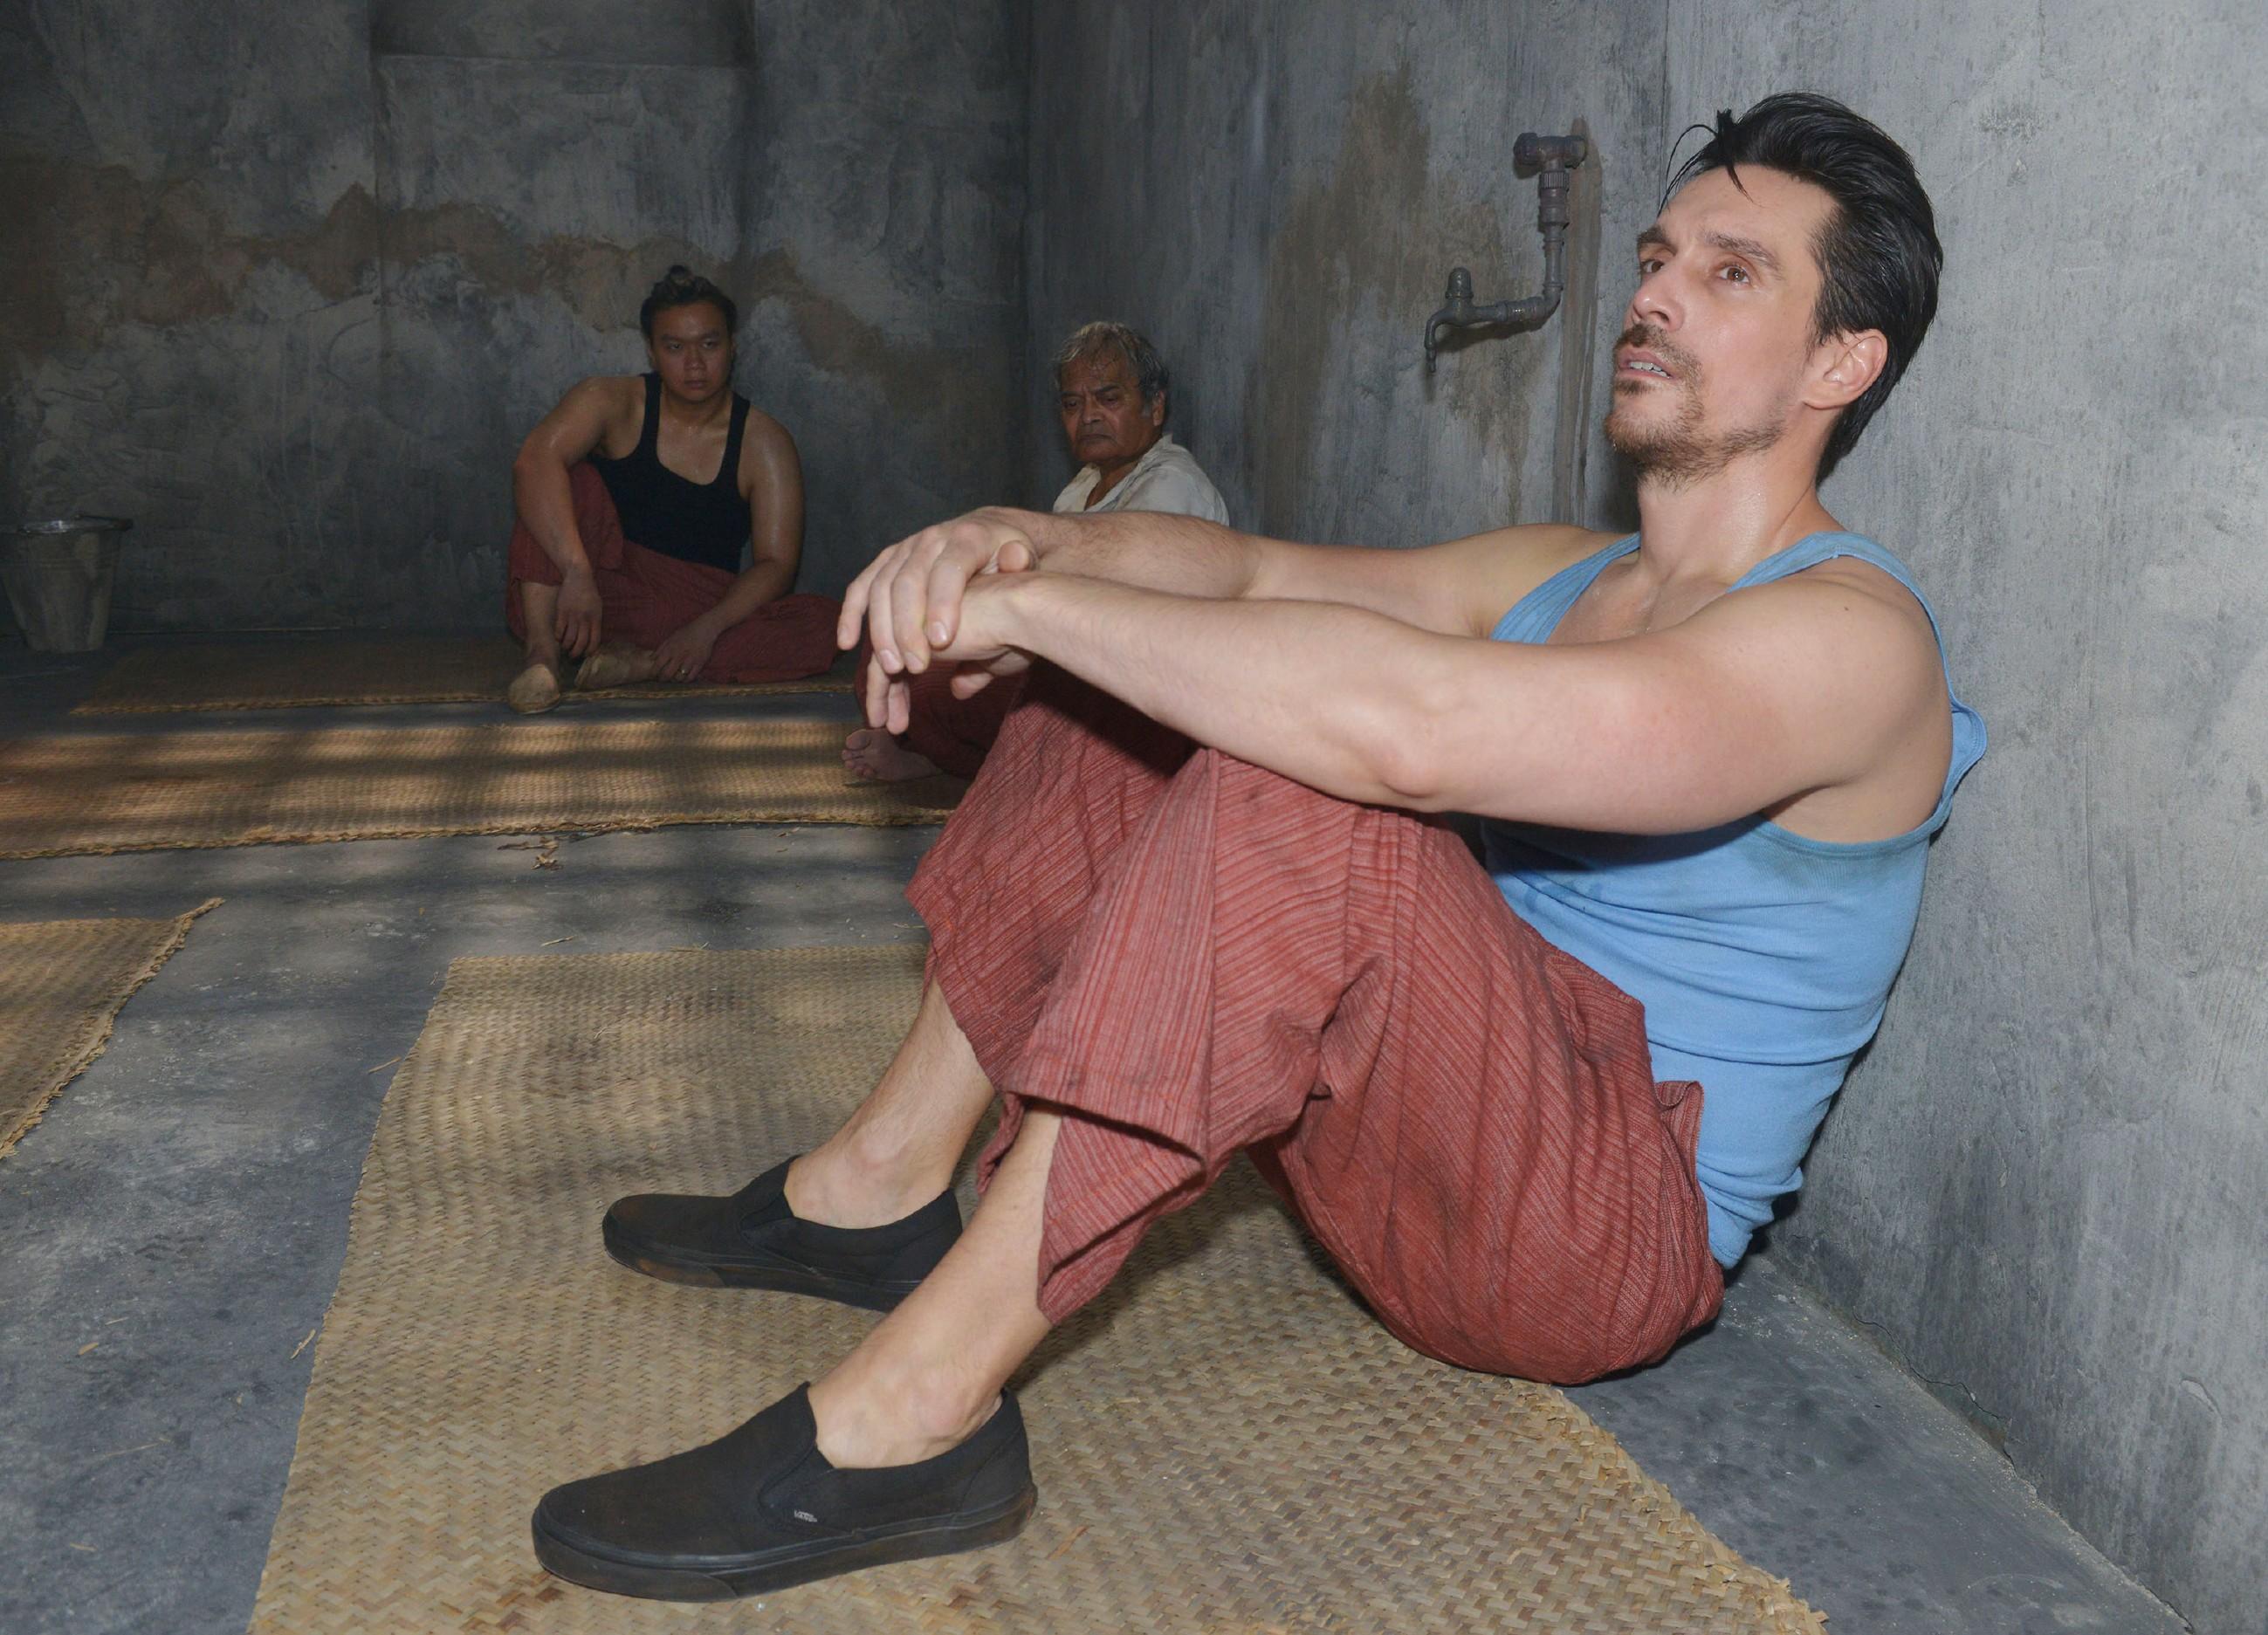 Nachdem er wegen Drogenschmuggels festgenommen wurde, beginnt für David (Philipp Christopher) im Knast von Malaysia die Hölle... (Quelle: RTL / Rolf Baumgartner)